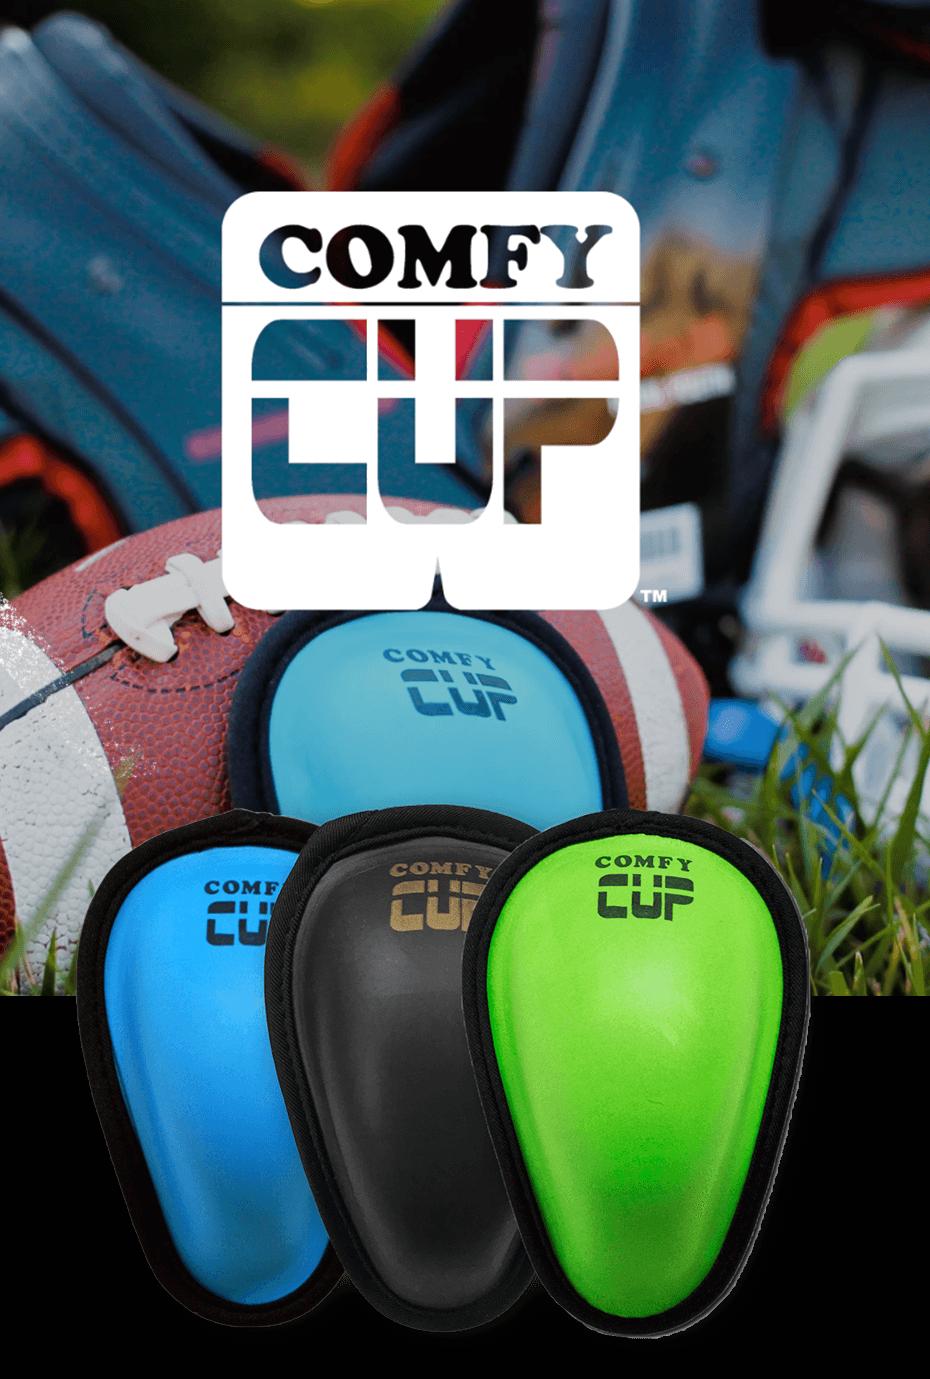 Comfy Cup